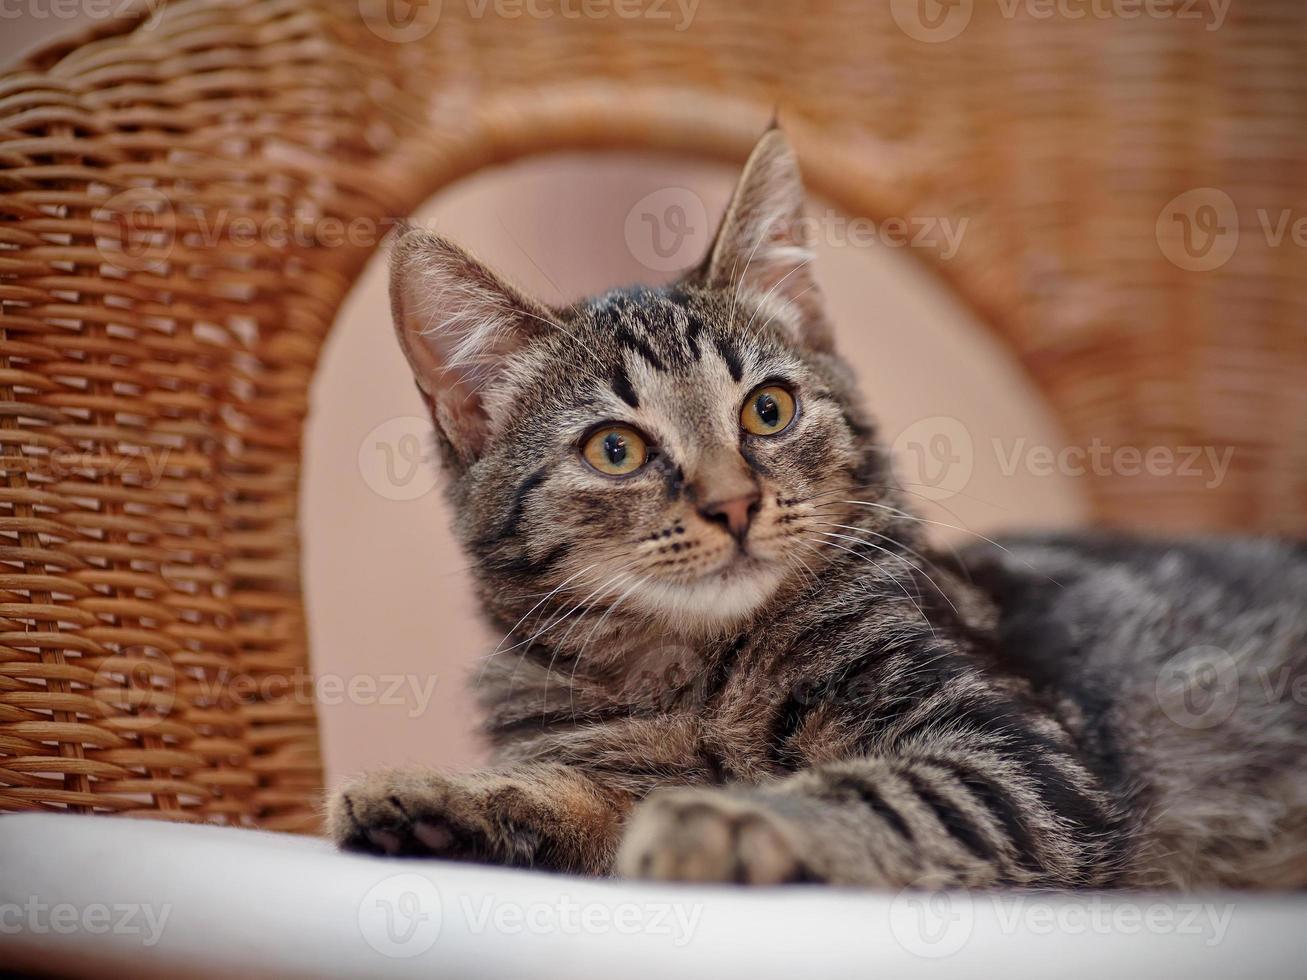 ritratto di un gattino a strisce su una sedia di vimini foto